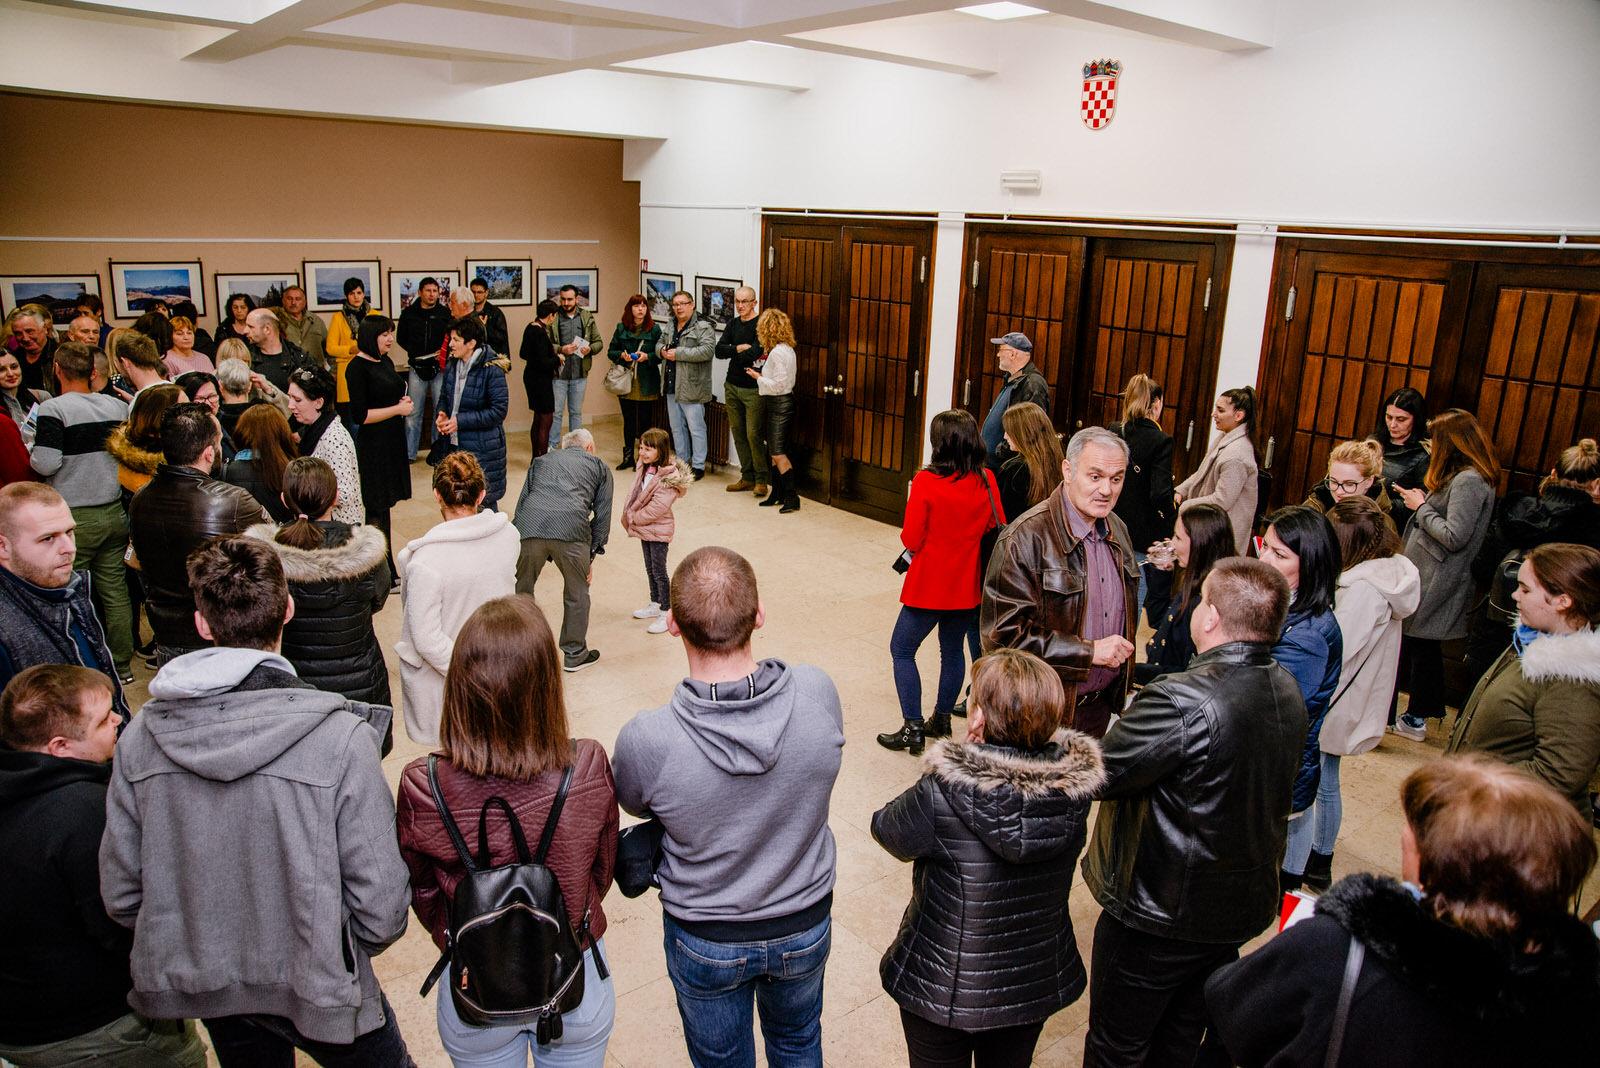 likaclub_izložba fotografije nita ratković_2020 (4)